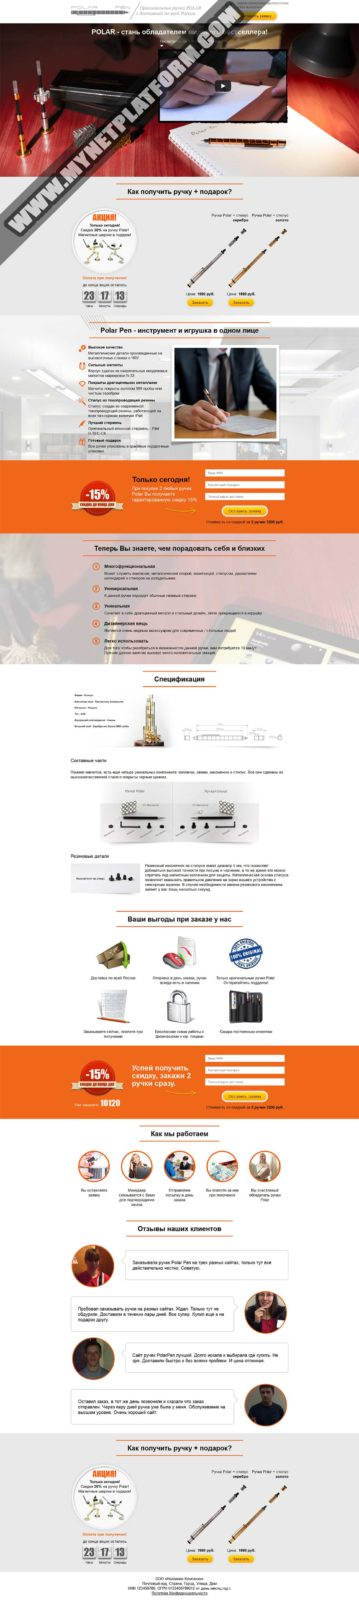 Скриншот готового лендинга для товара Ручка Polar Pen 01